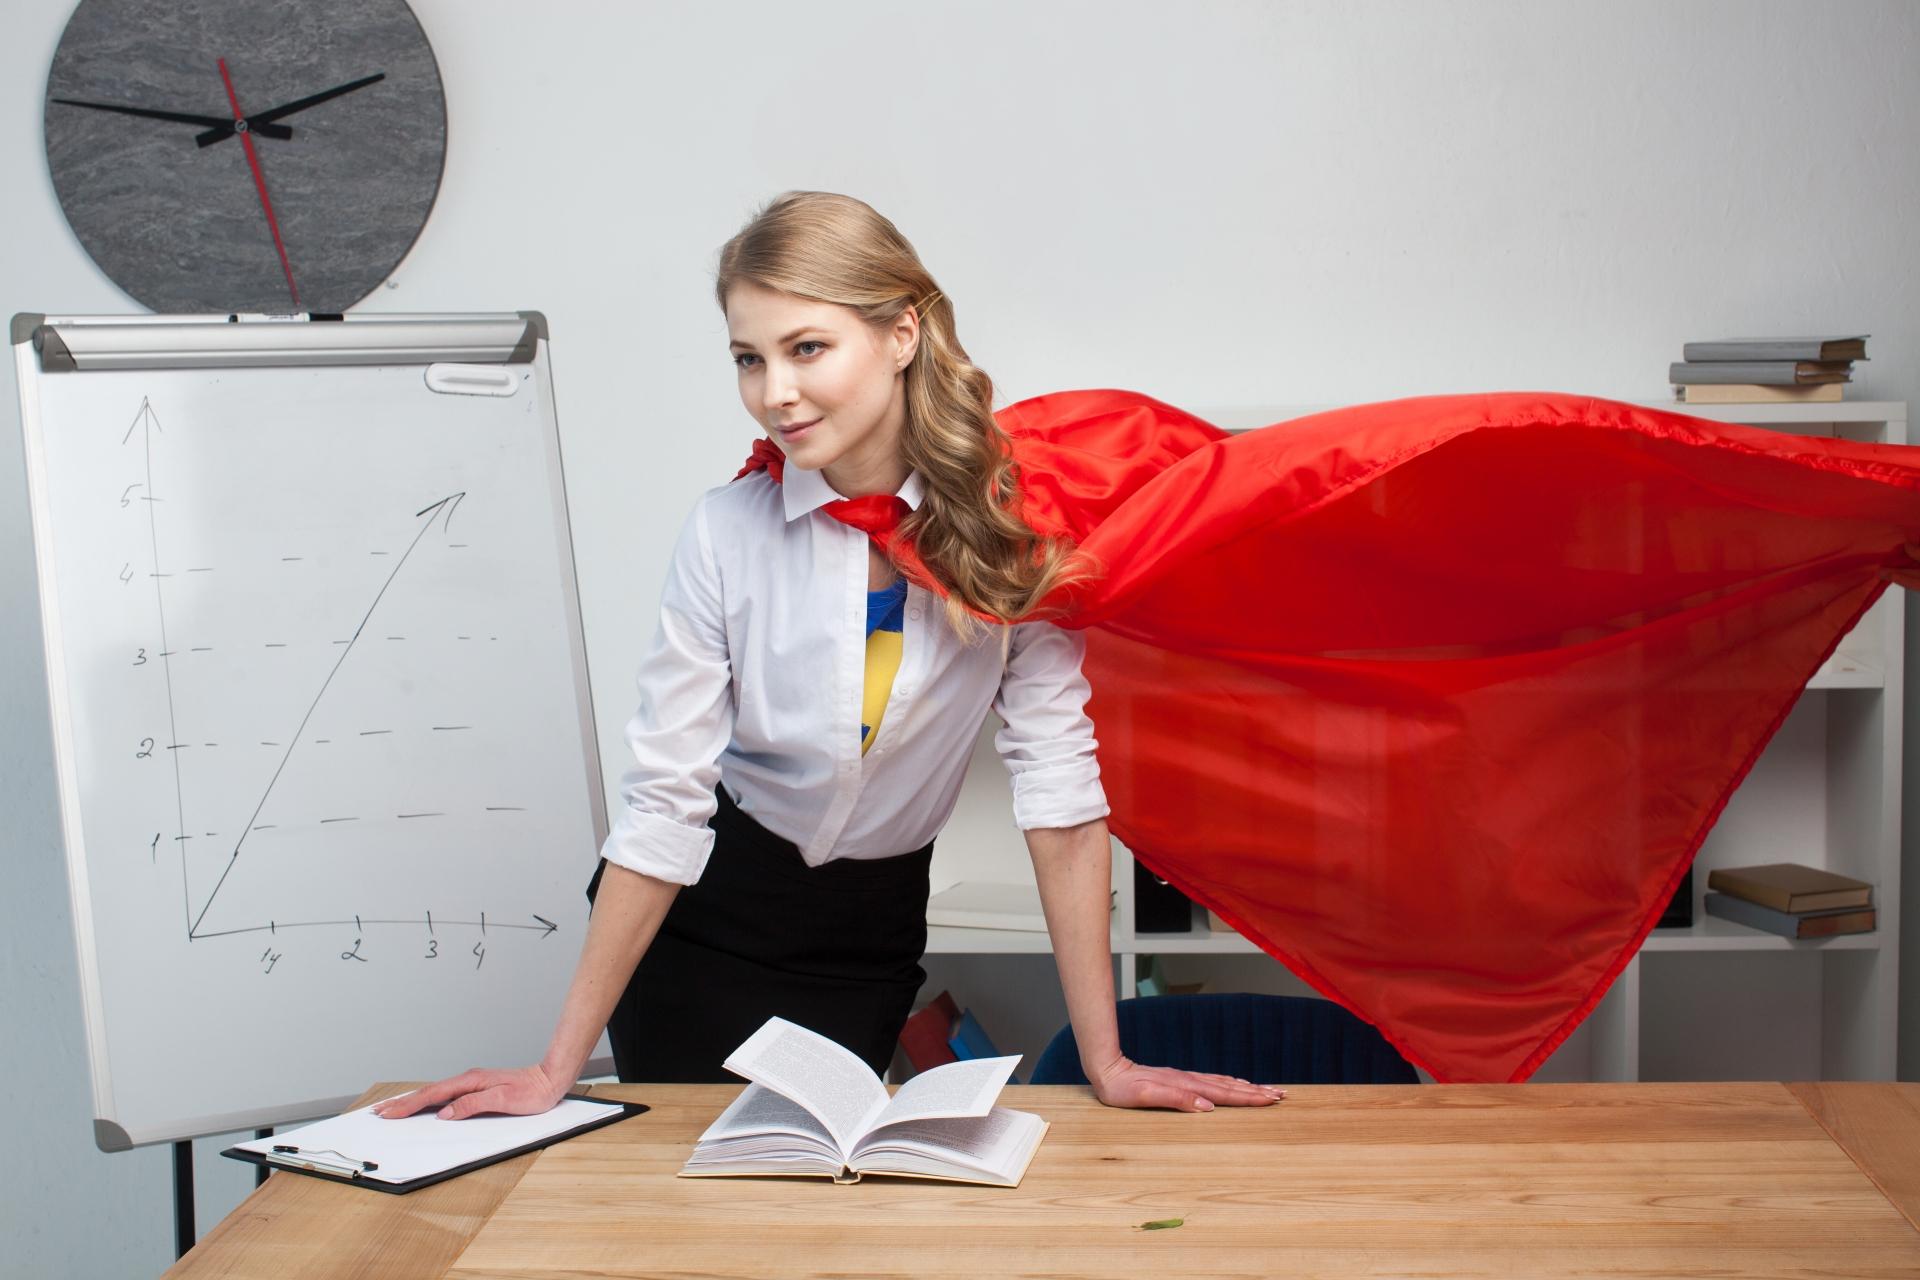 superman-uniform-business-woman-2